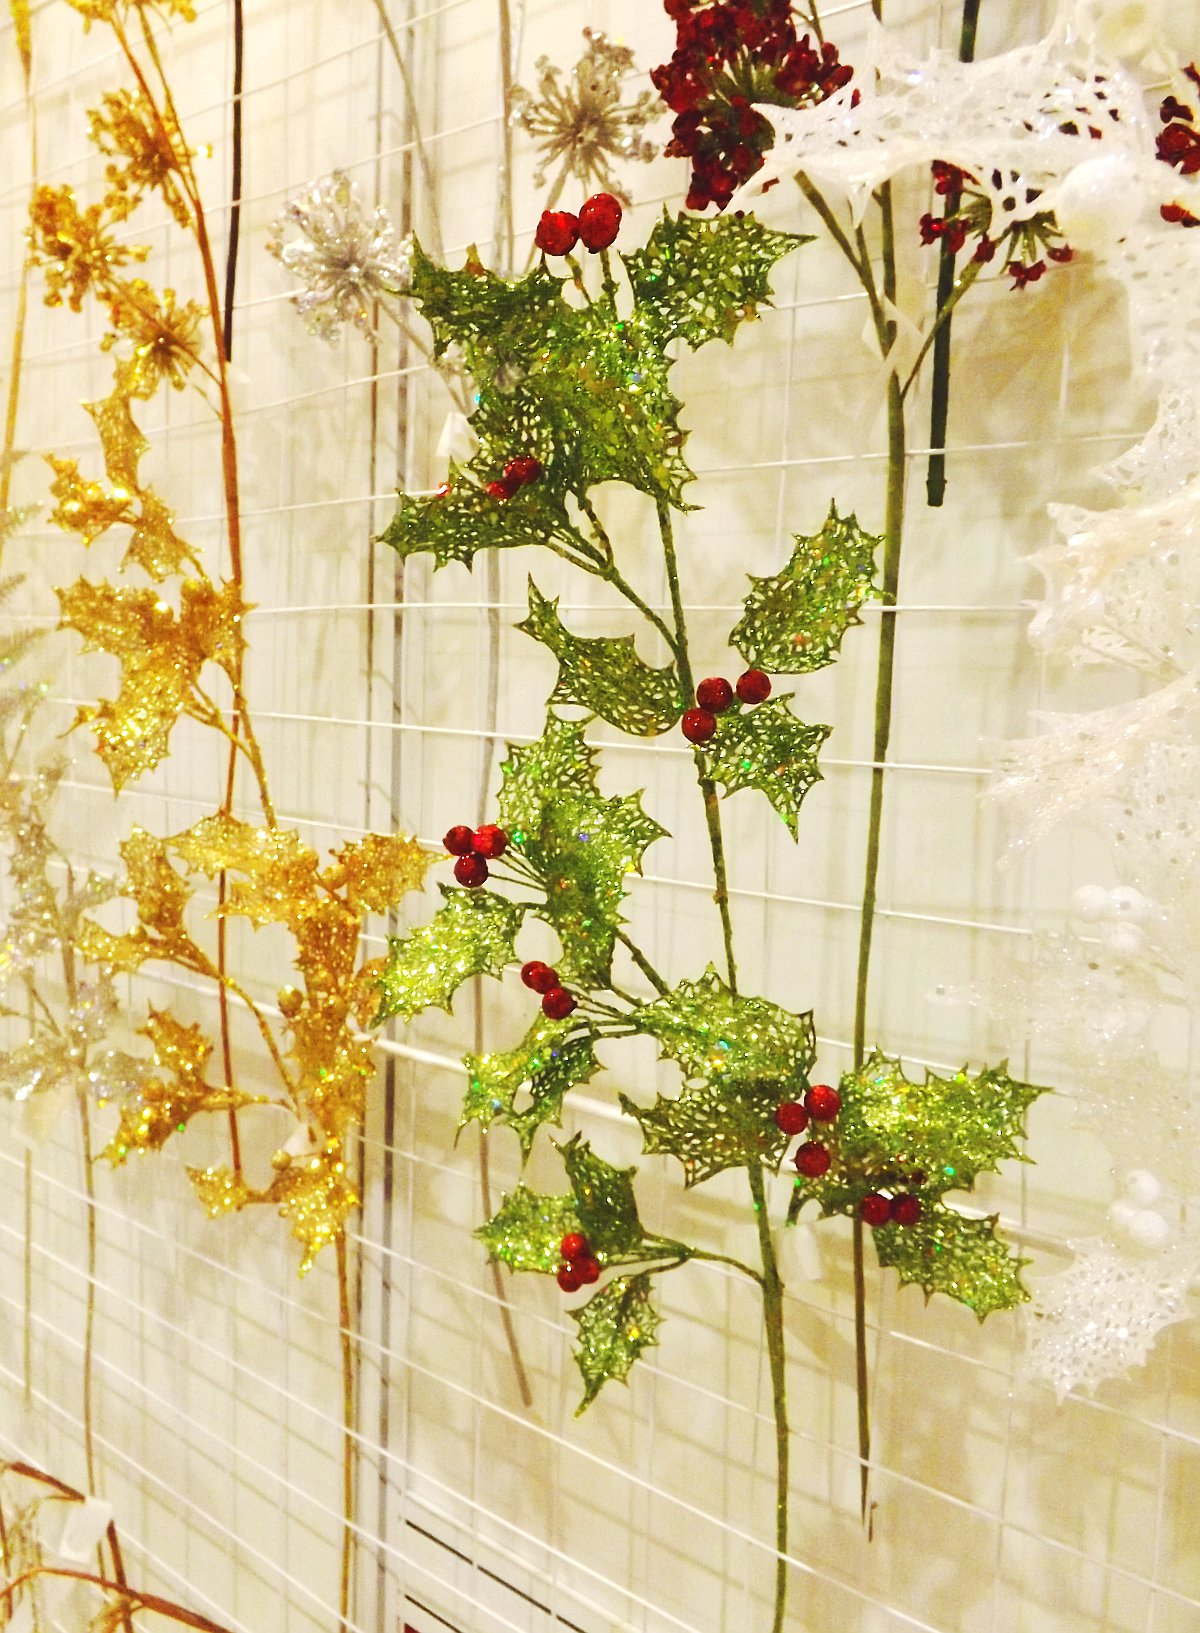 Интерьерные аксессуары от китайских производителей на выставке КонсумЭкспо-Зима 2015